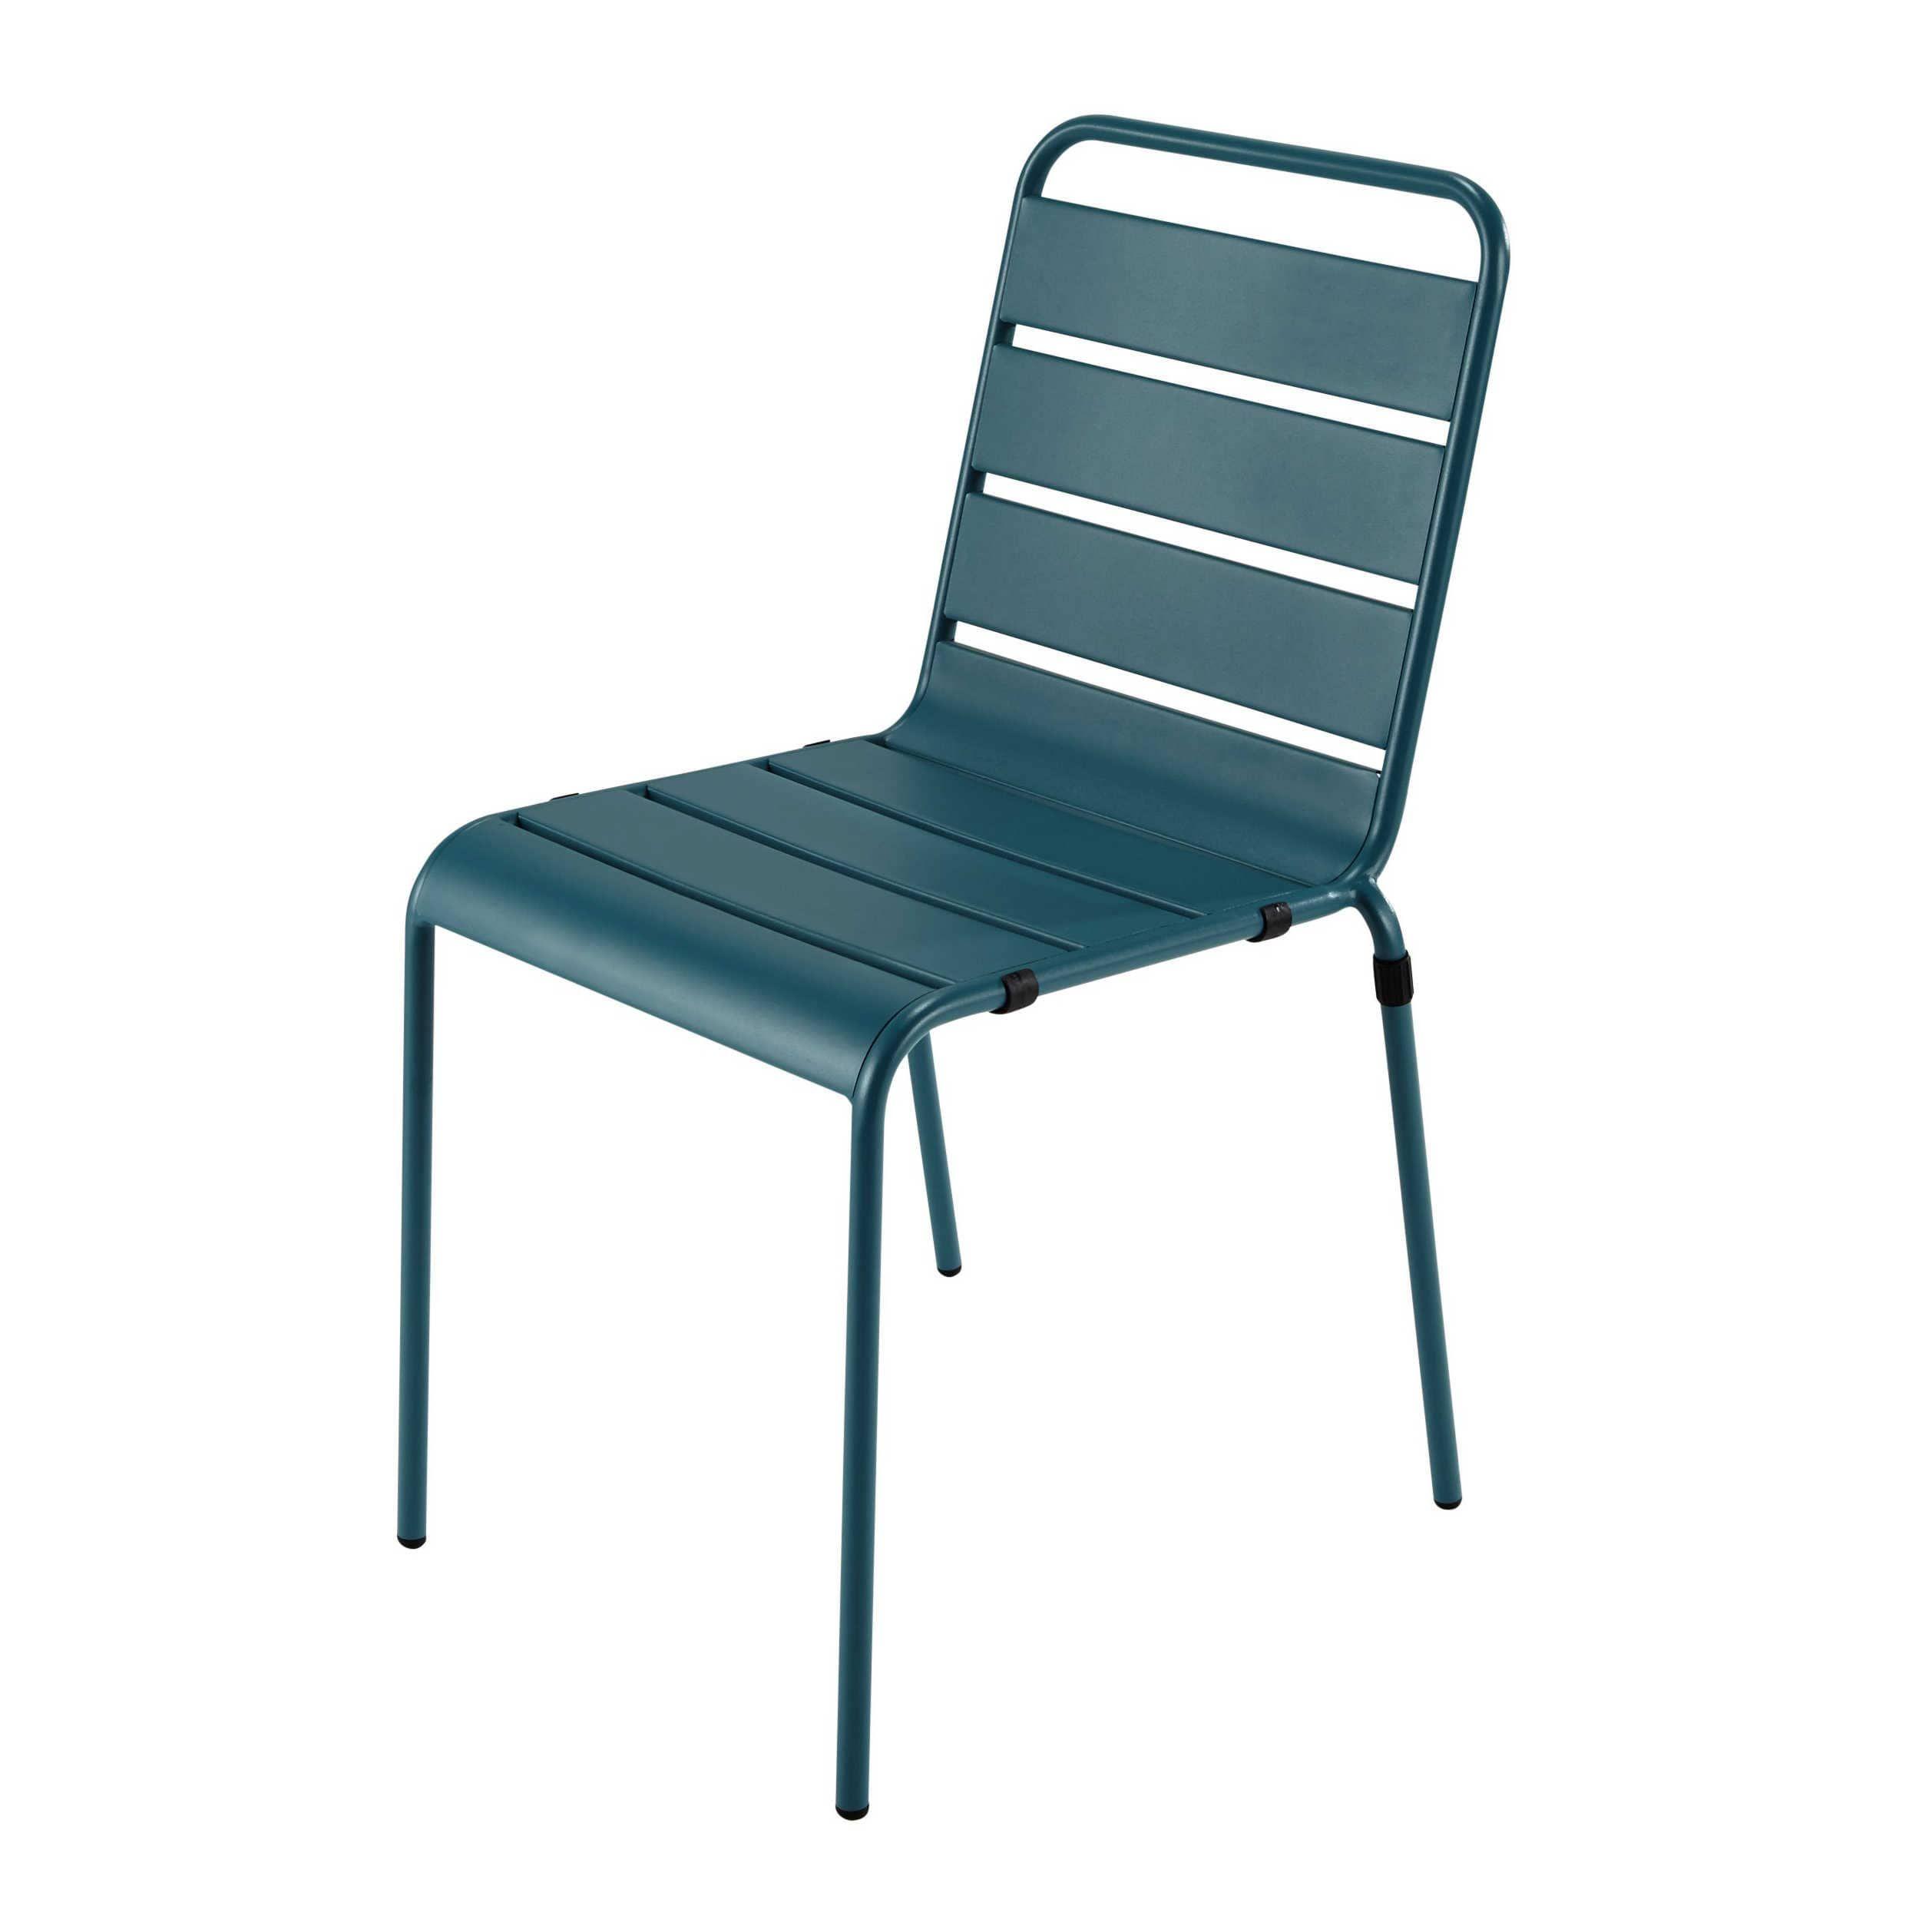 gartenstuhl aus metall, entenblau jetzt bestellen unter: https, Hause und garten